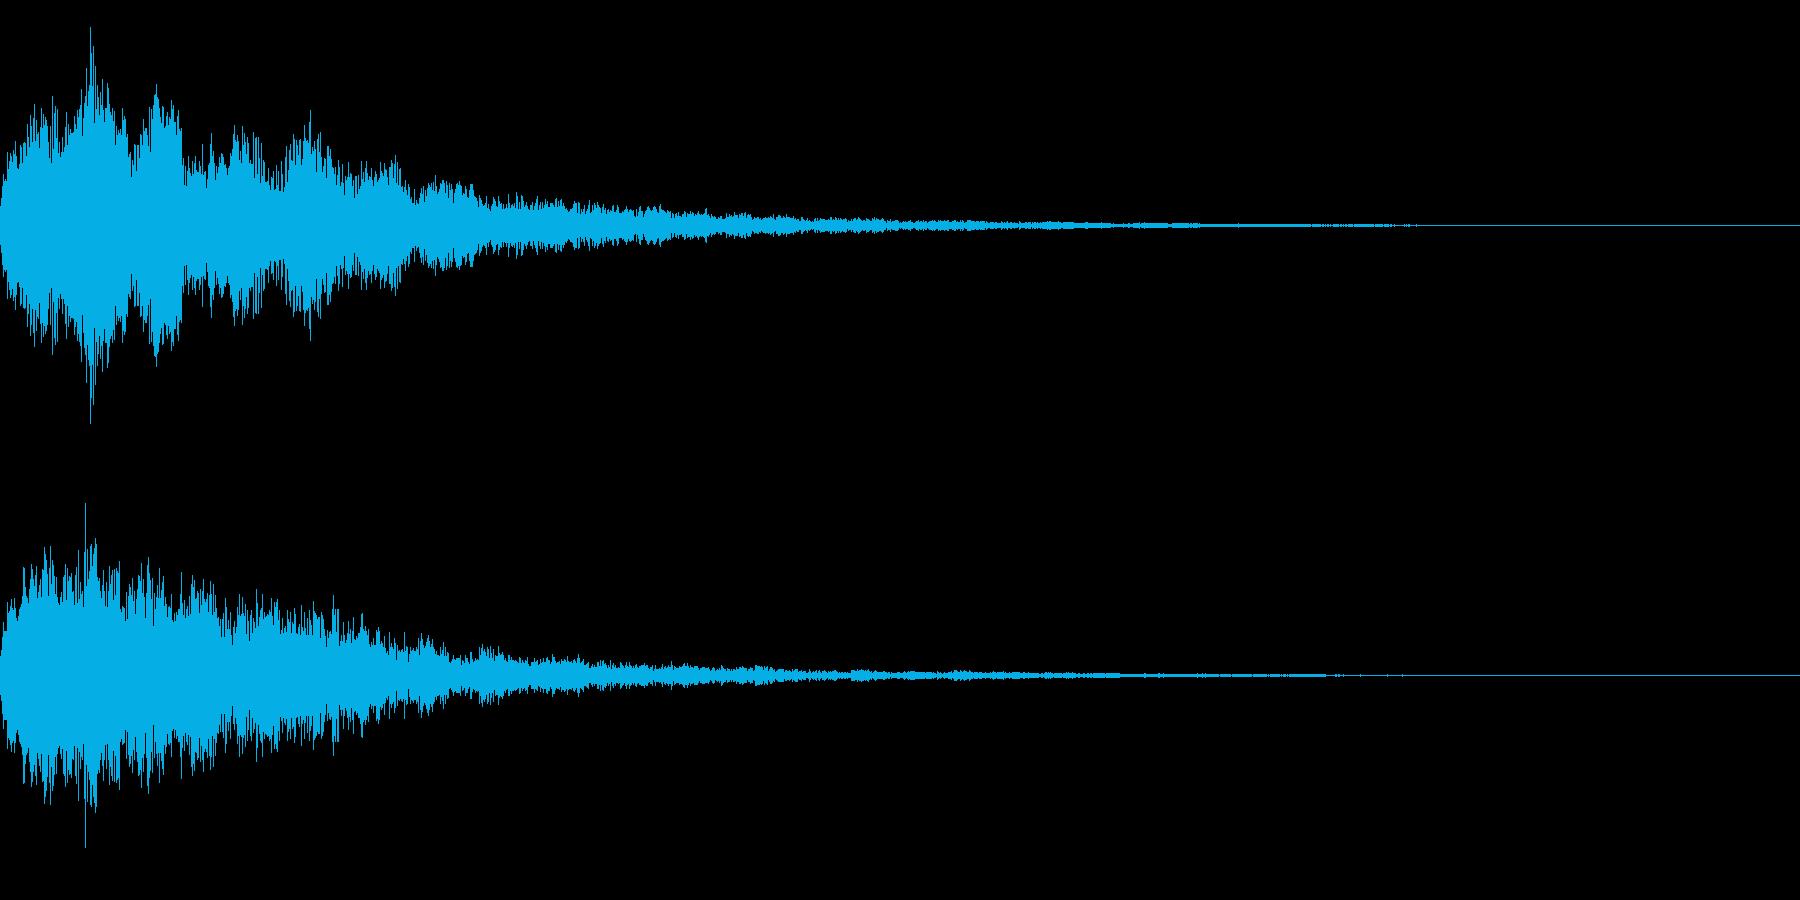 明るいテロップ音 ボタン音 決定音!03の再生済みの波形